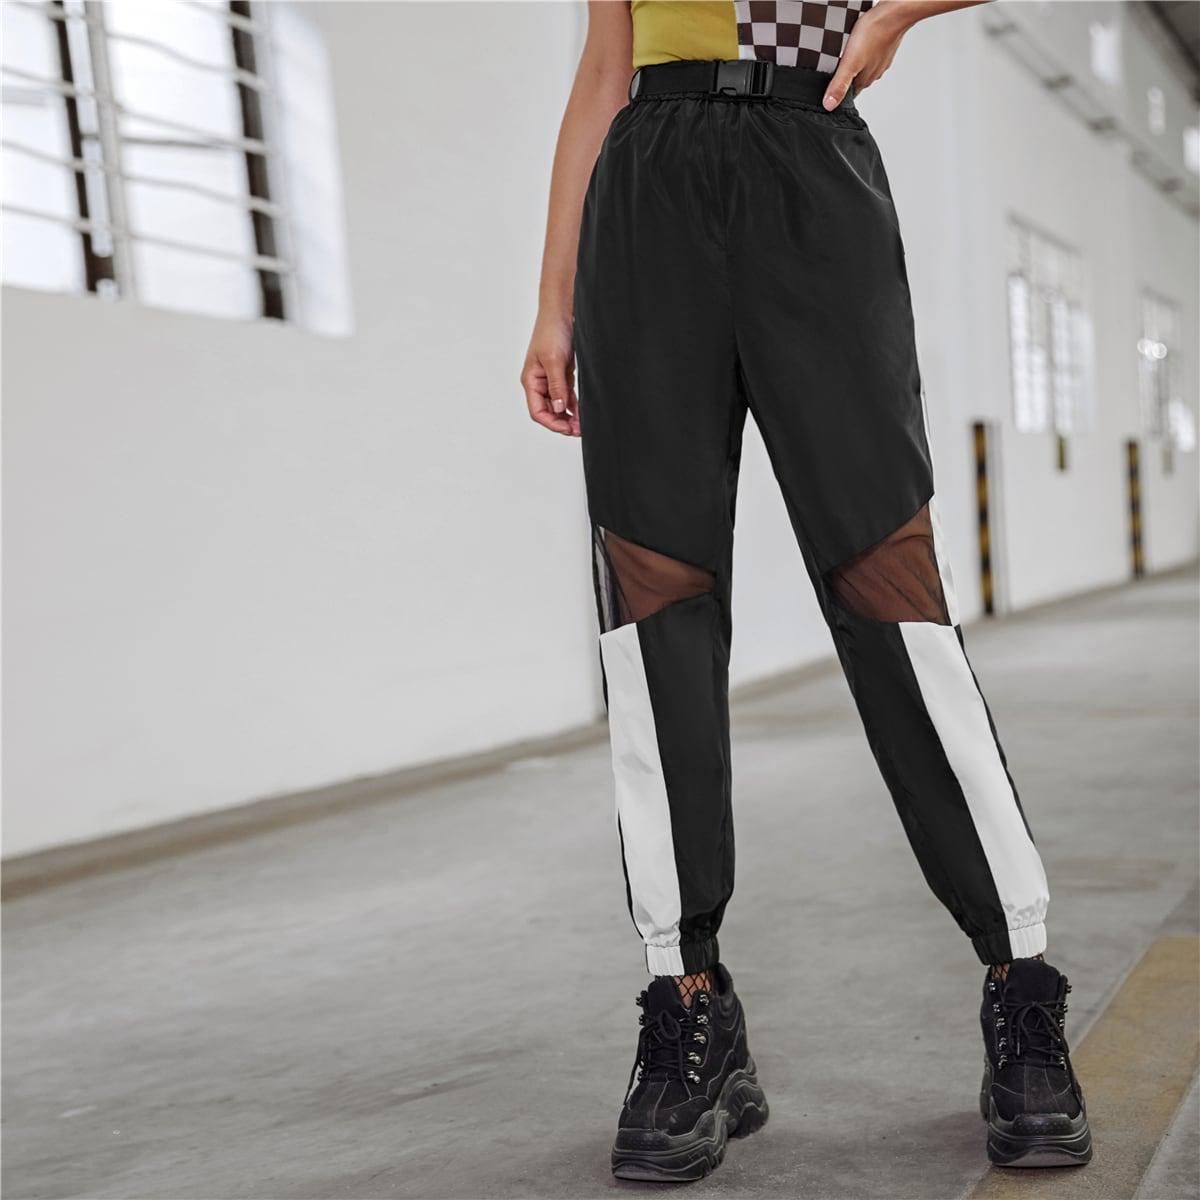 Hosen mit Schnalle Gürtel und Netzstoff